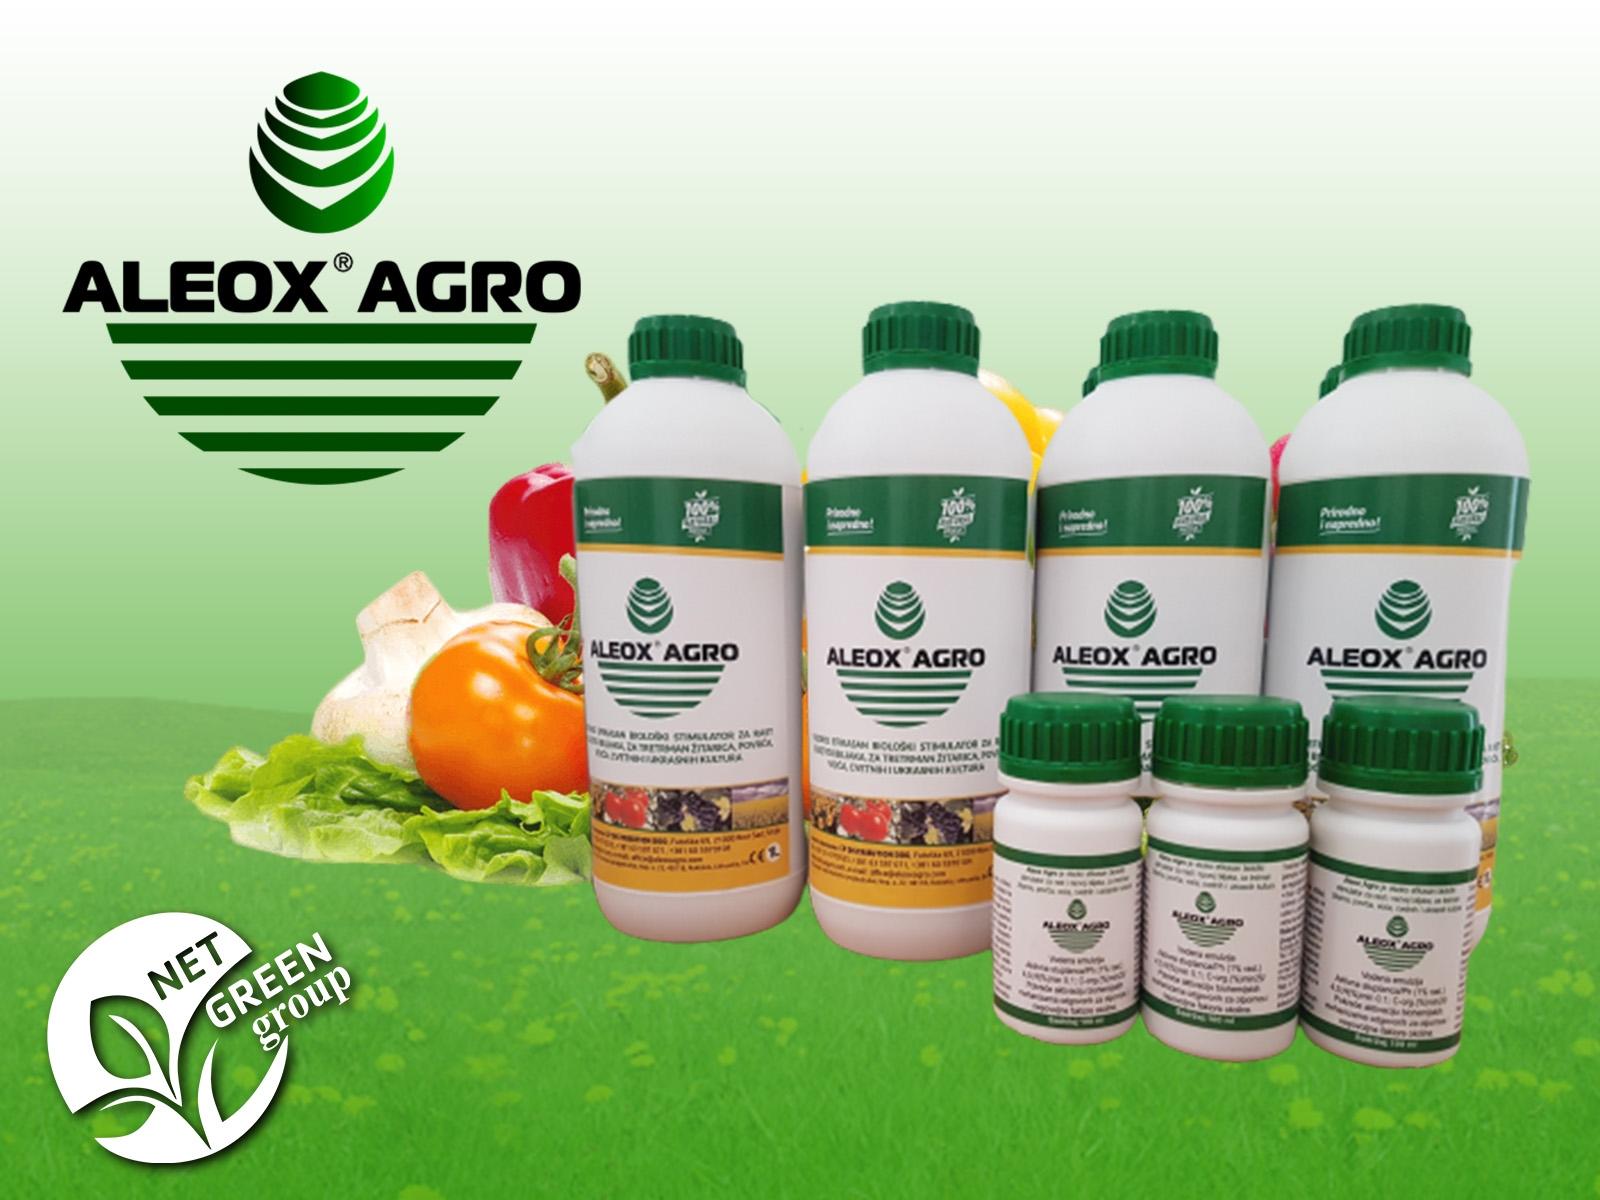 Aleox Agro